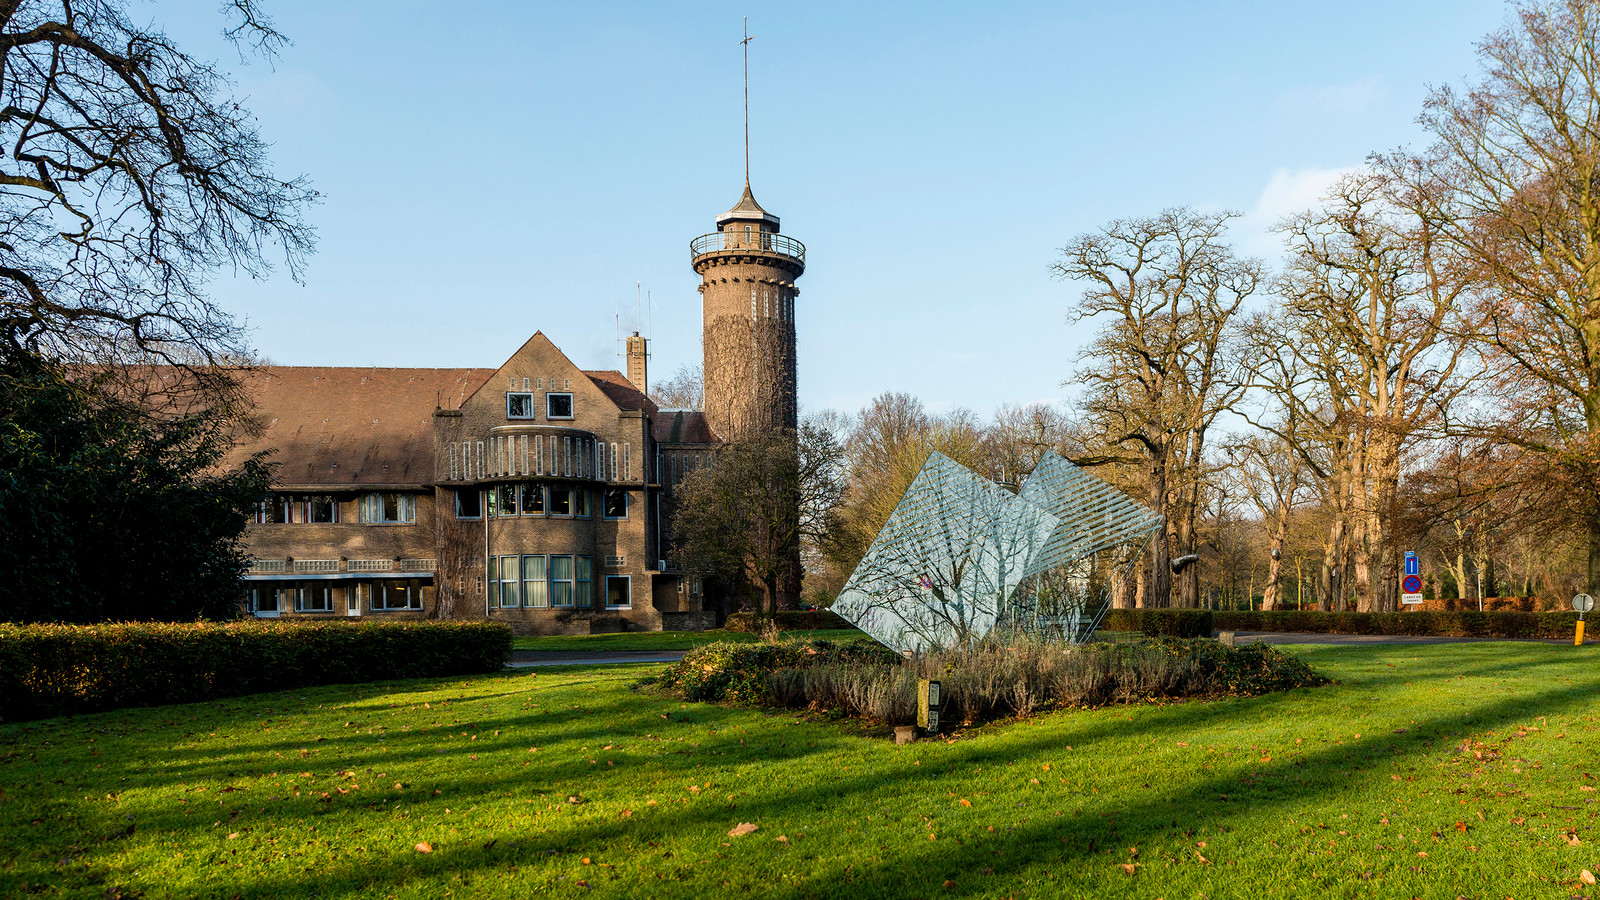 Het hoofdgebouw van GGZ WNB op het landgoed Vrederustterrein in Halsteren. Het aantal bedden in de psychiatrie werd de afgelopen jaren verminderd, steeds meer zorg vindt plaats bij de cliënten thuis.